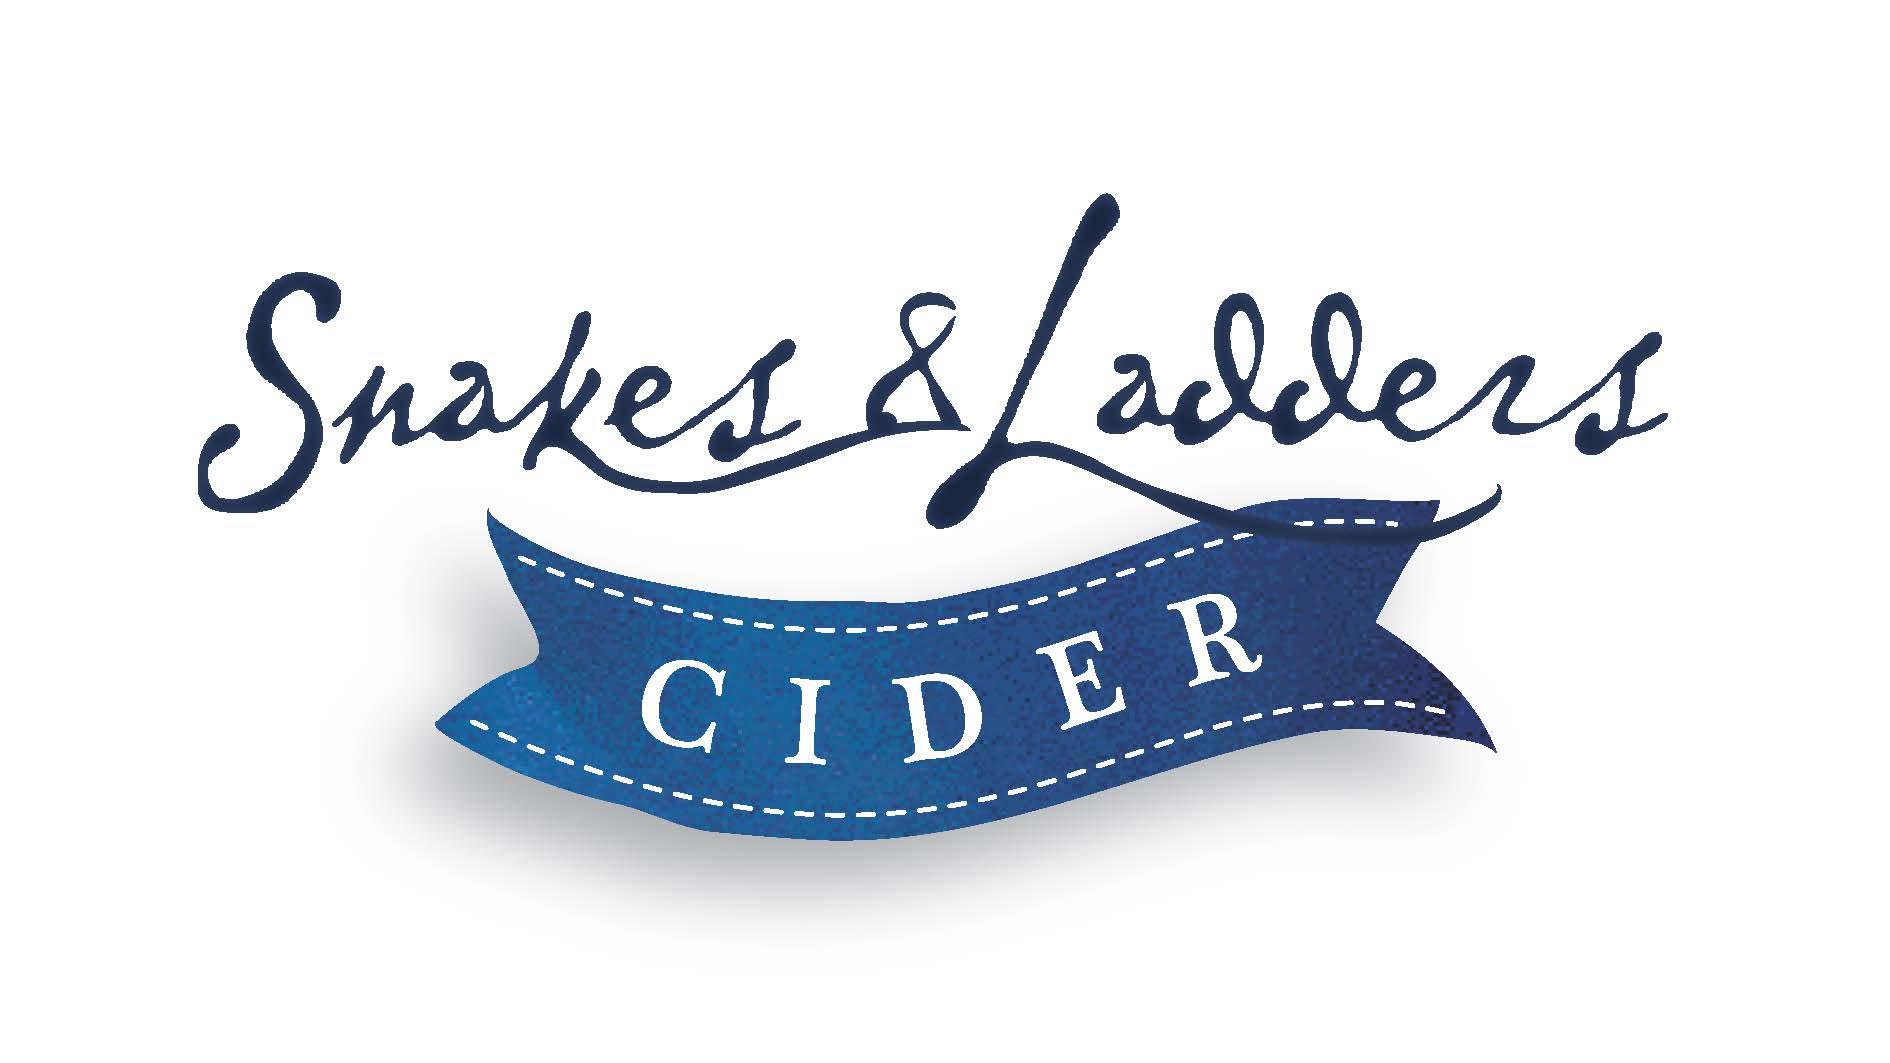 Snakes & Ladders Cider